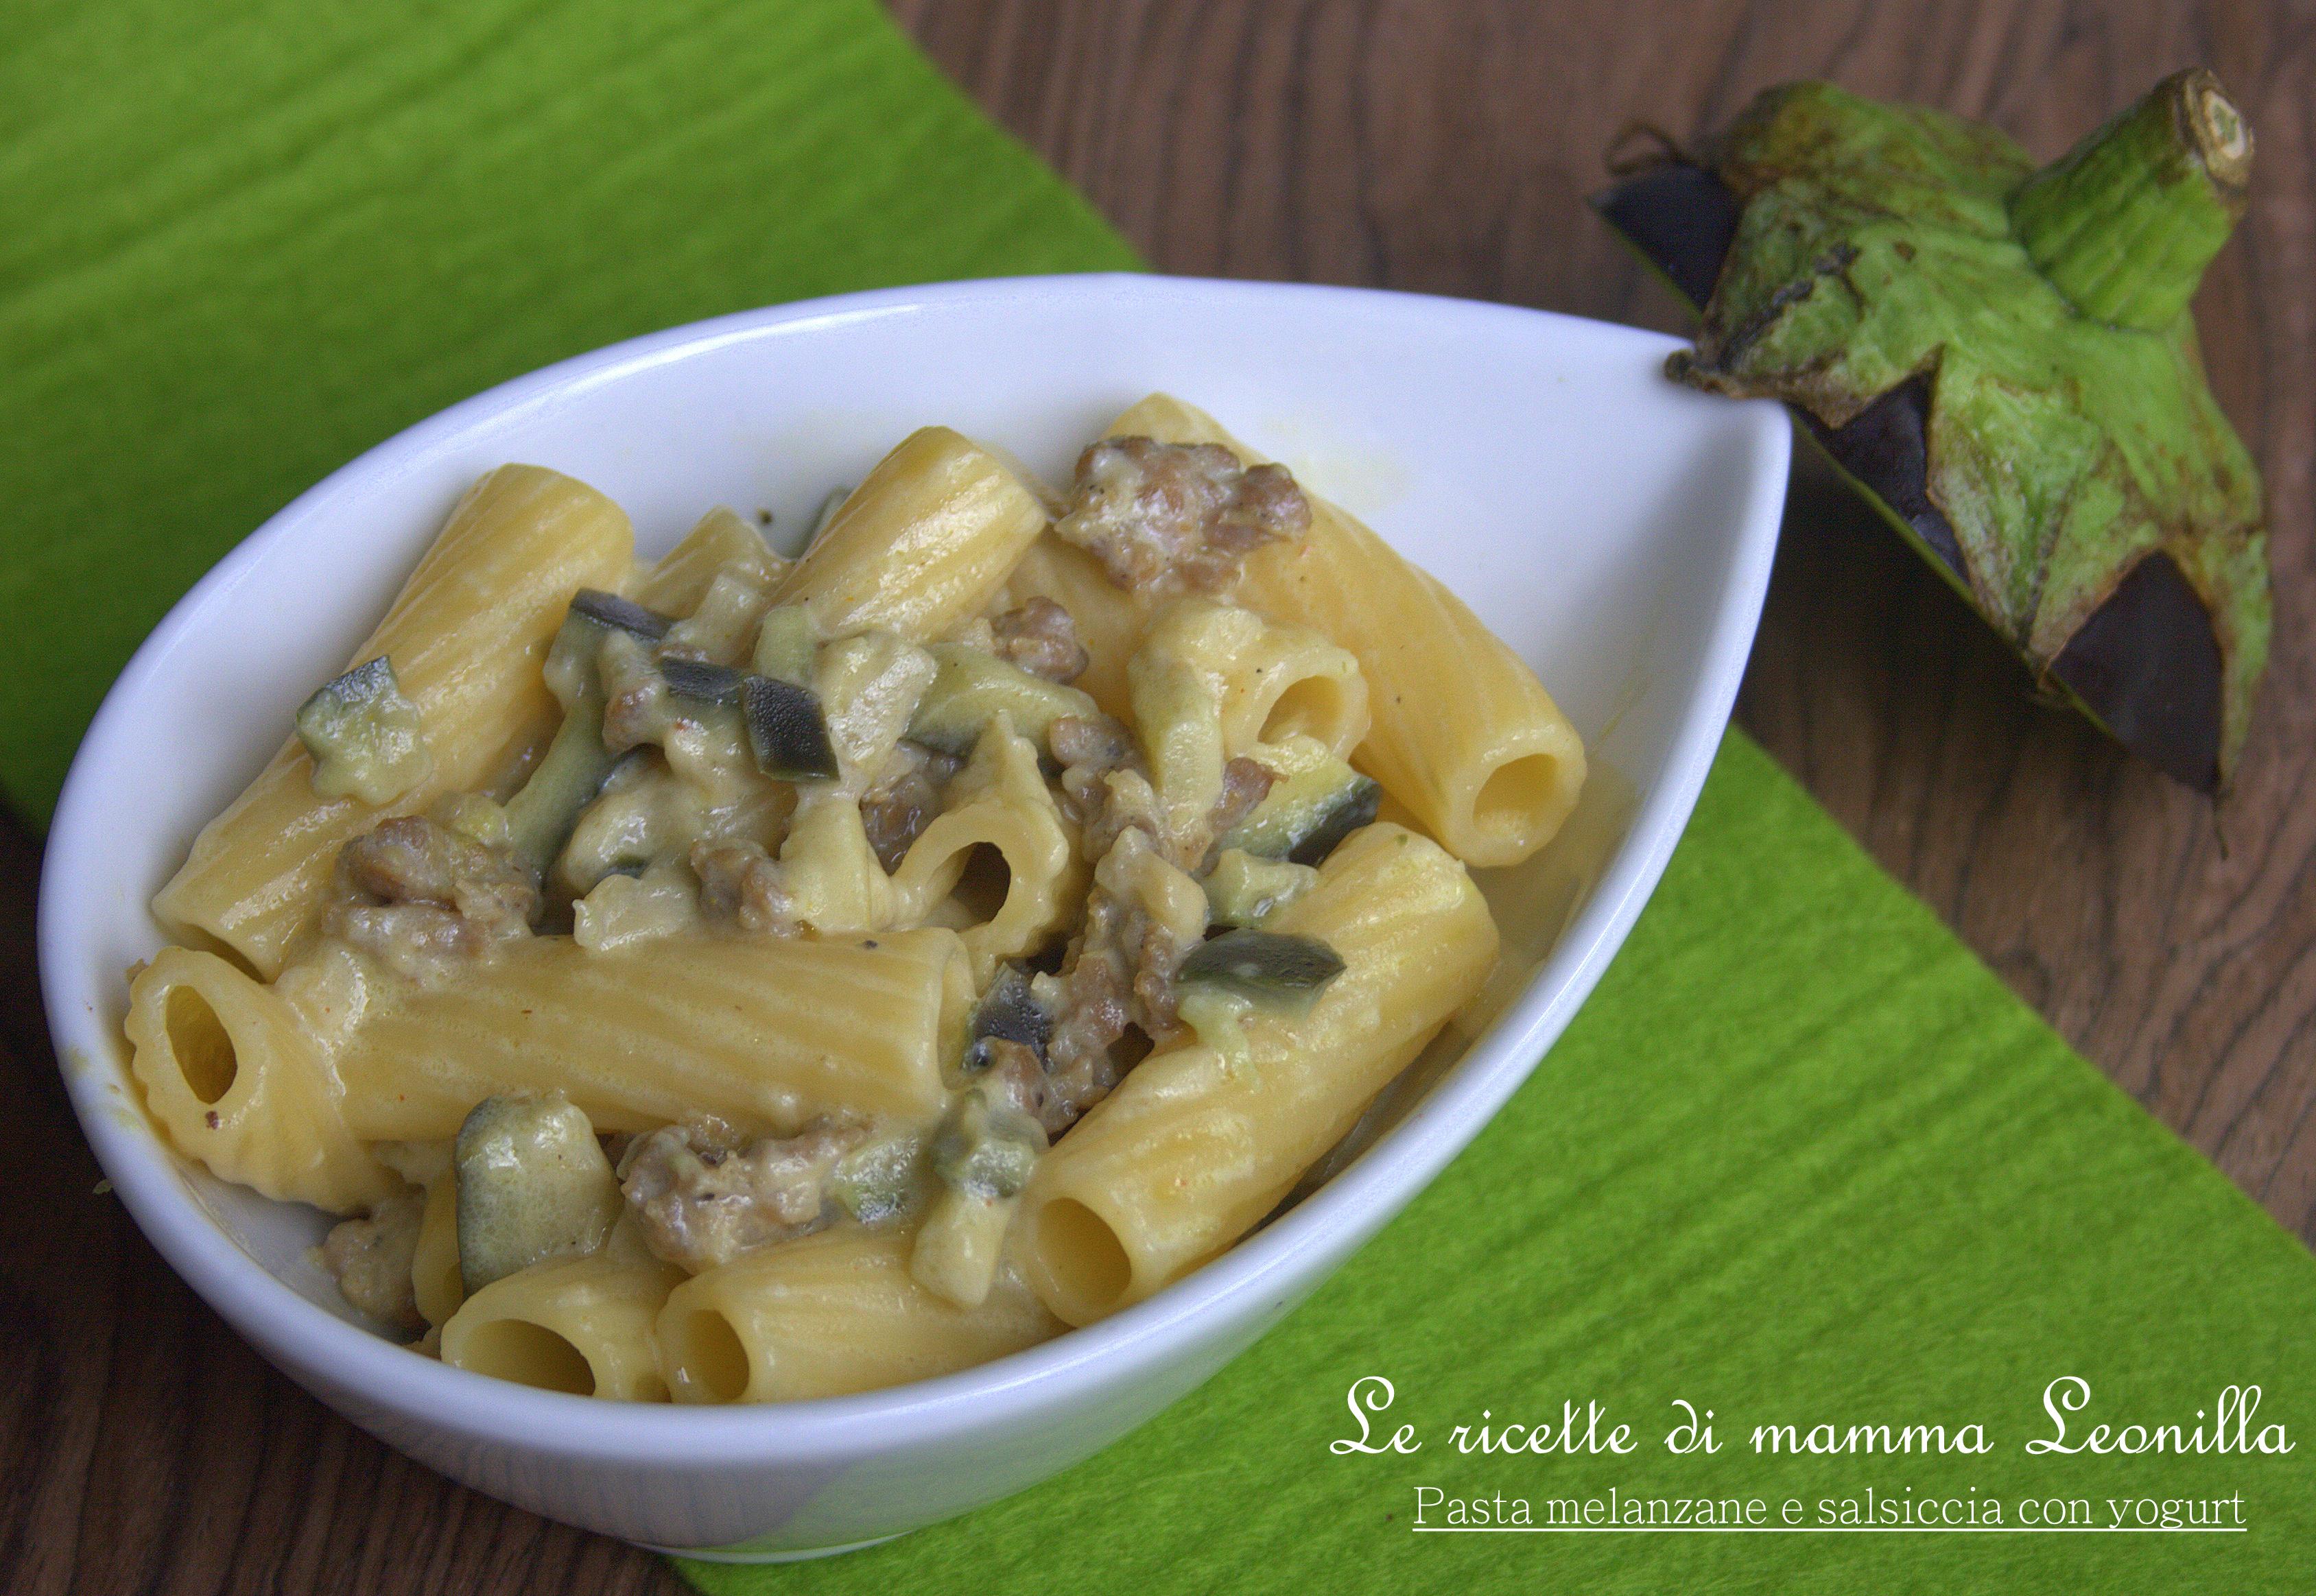 Ricetta semplice pasta e melanzane